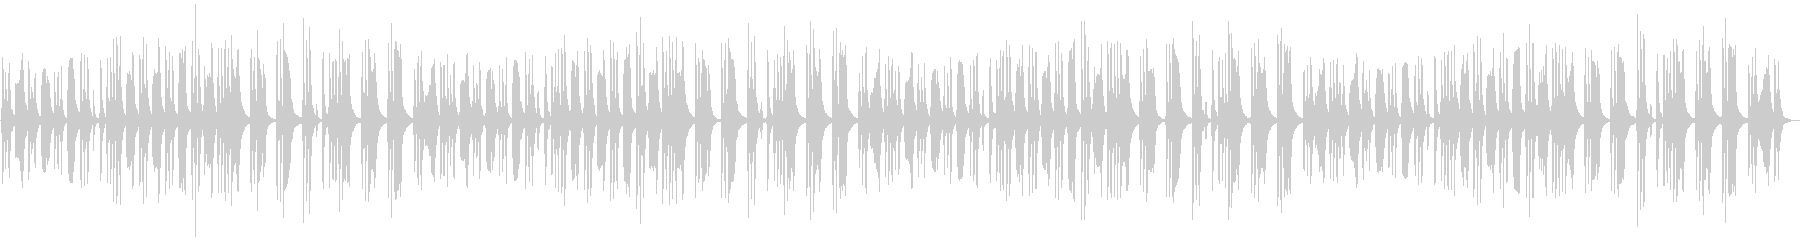 怪しい雰囲気のストリングスBGMの未再生の波形